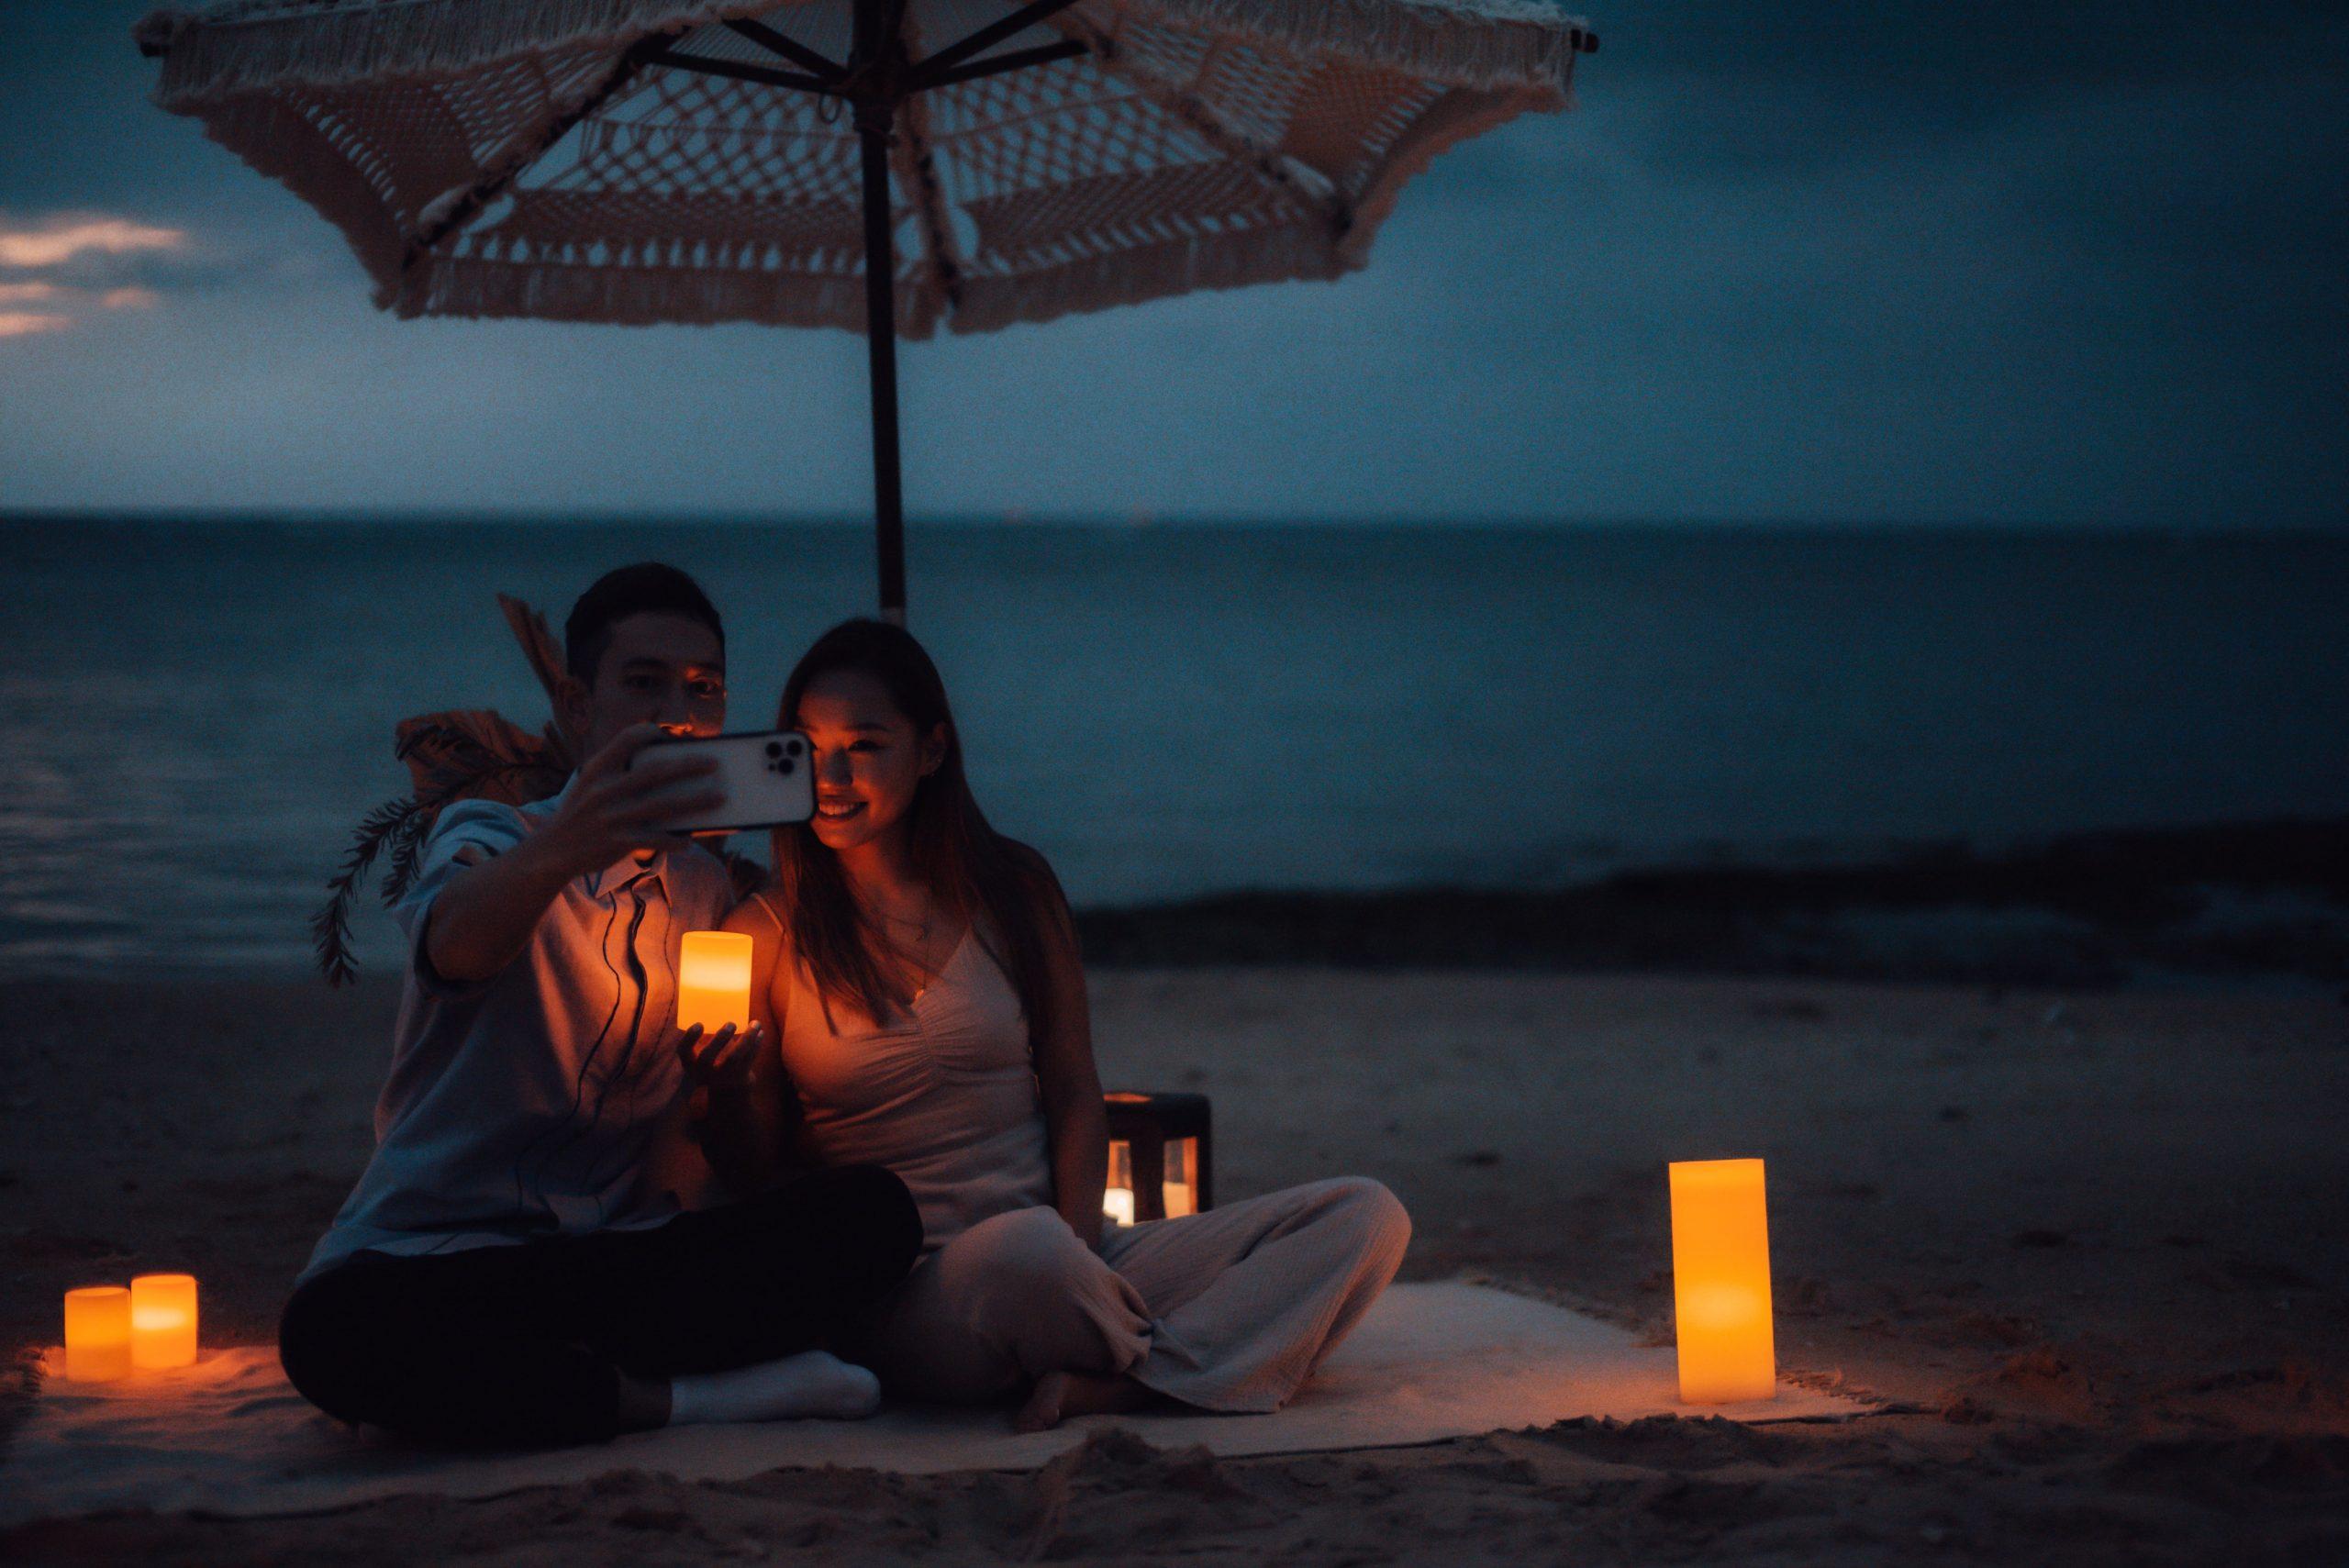 沖縄のビーチでロマンティックな時間を過ごすカップル